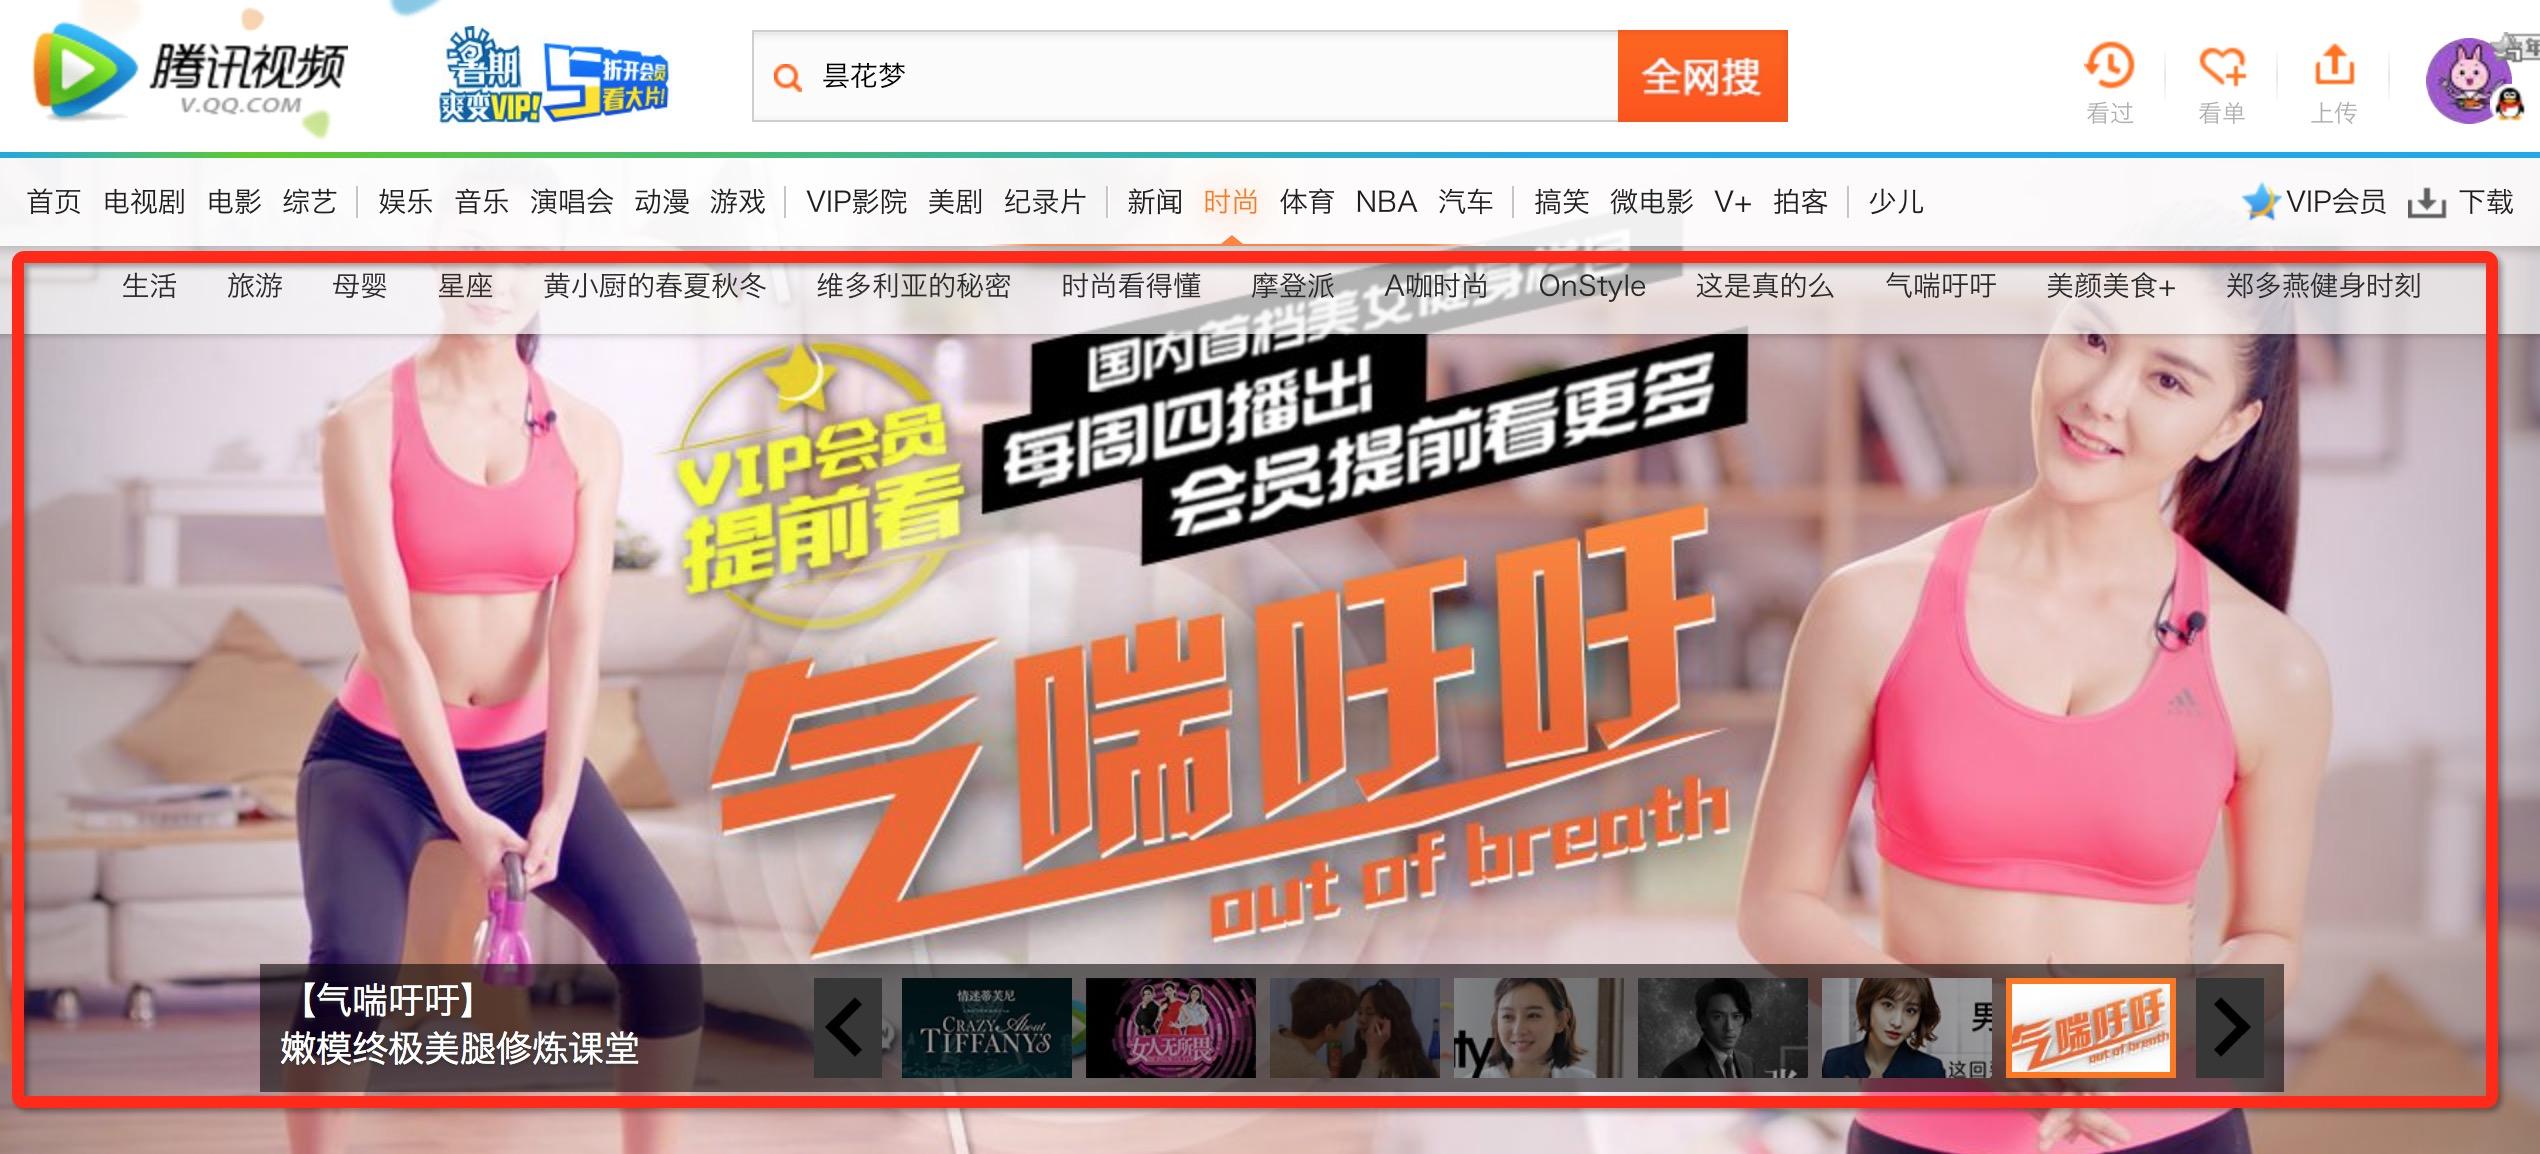 腾讯时尚频道banner